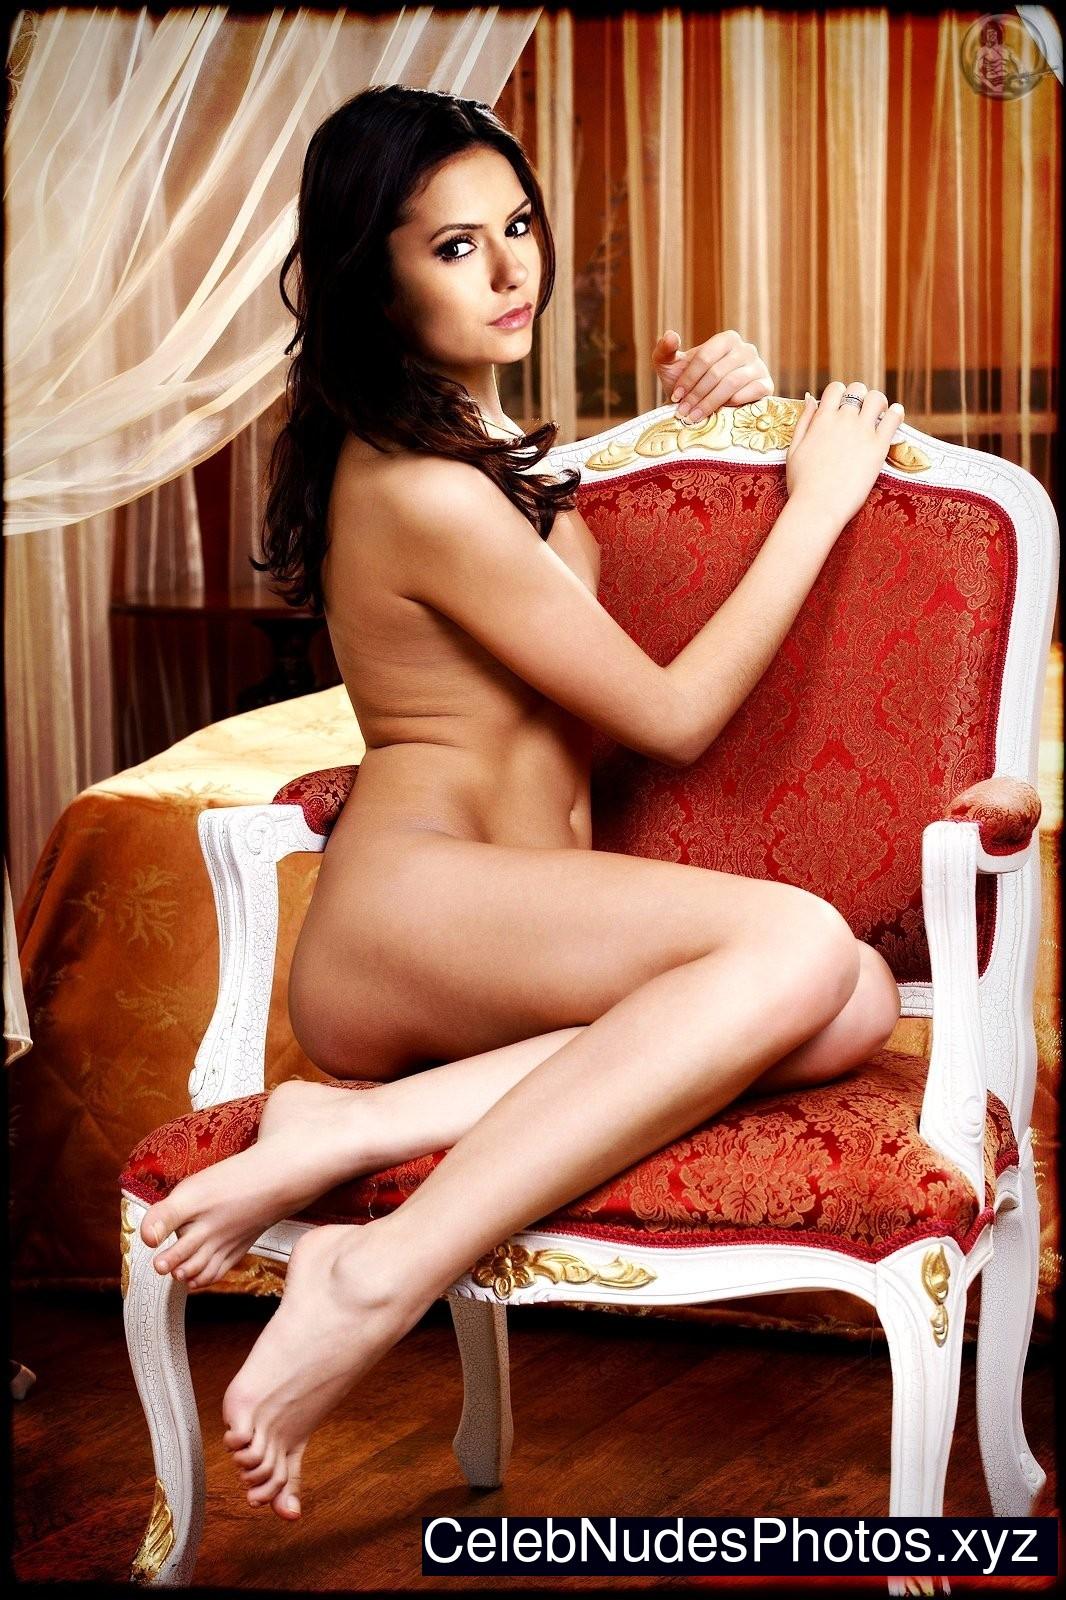 Nina Dobrev celebrities naked